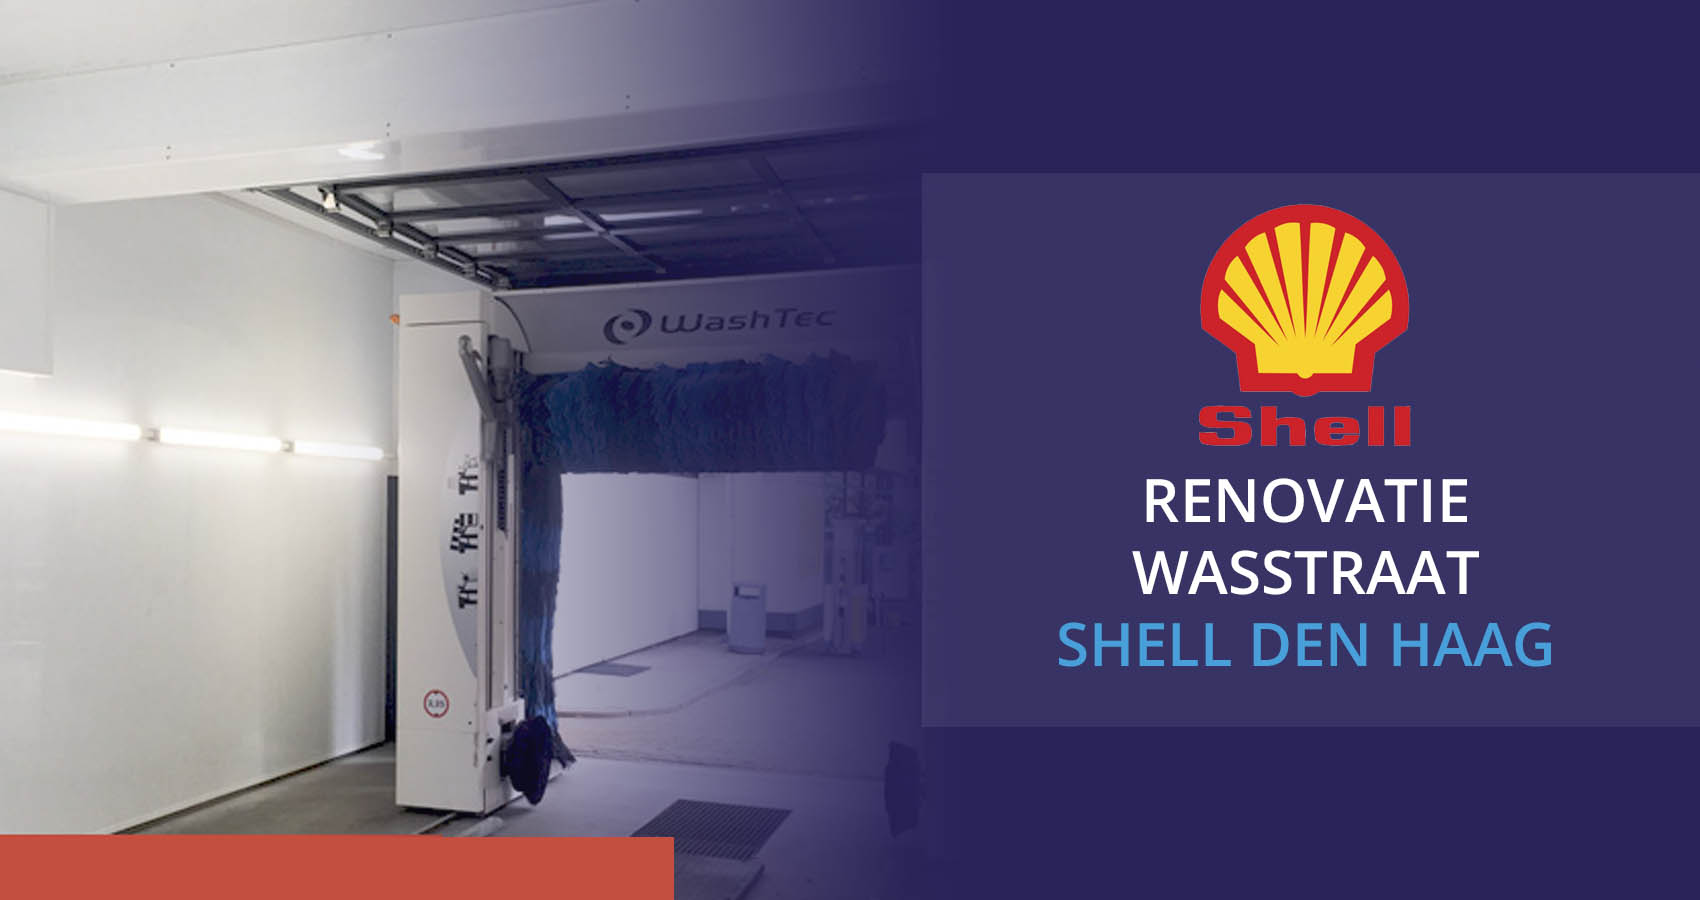 Renovatie Shell wasstraat Sakko in Den Haag